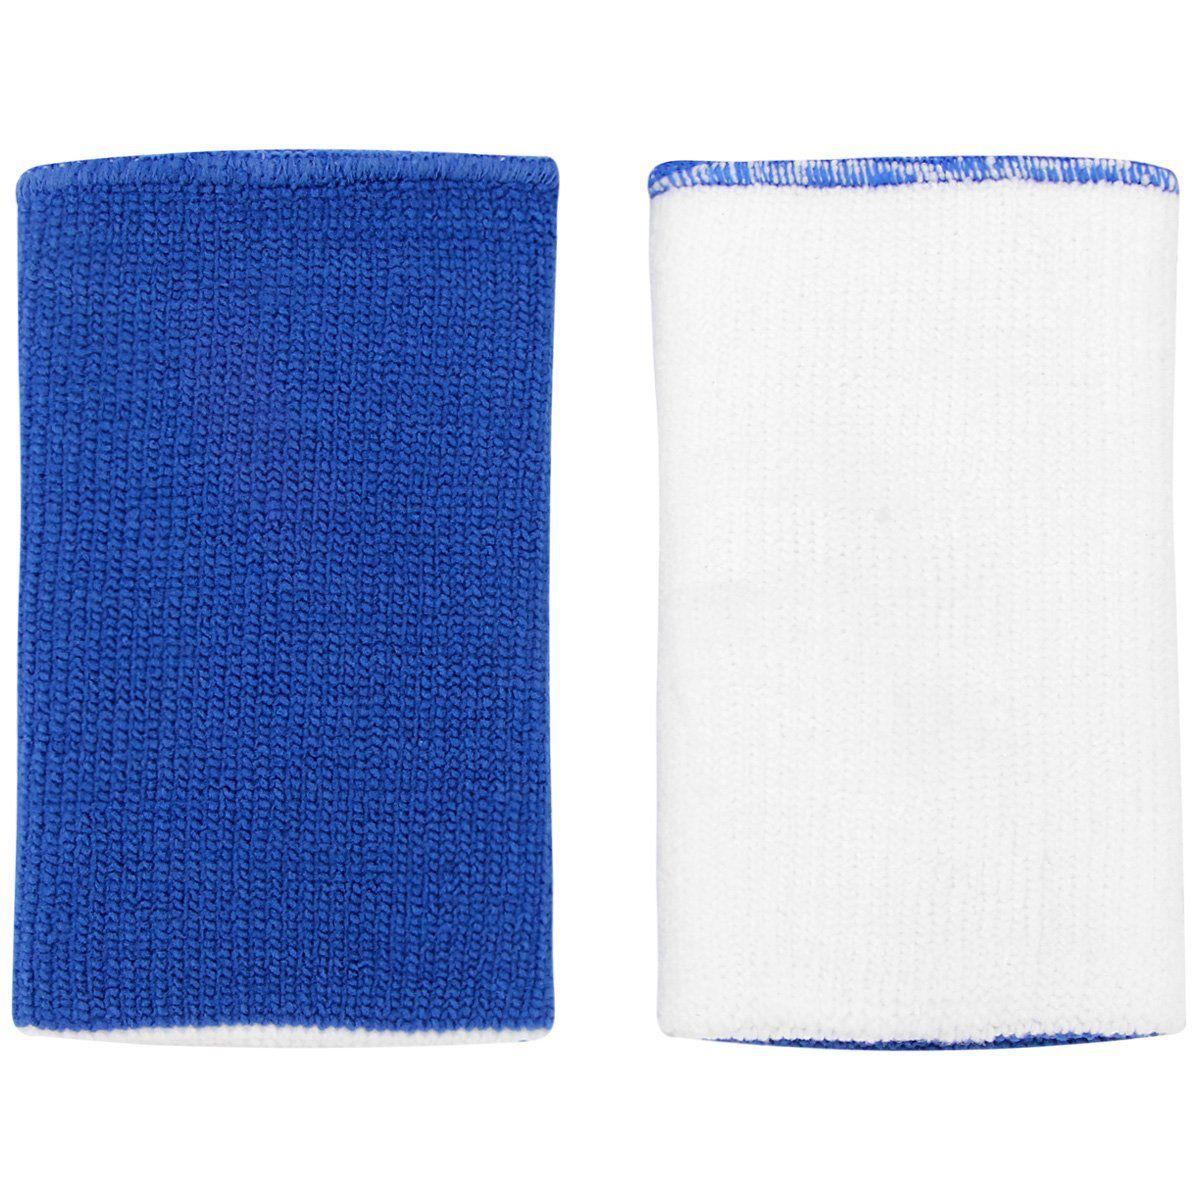 Munhequeira Nike Dupla Face Dri-Fit Home & Away - Azul e Branco  - REAL ESPORTE